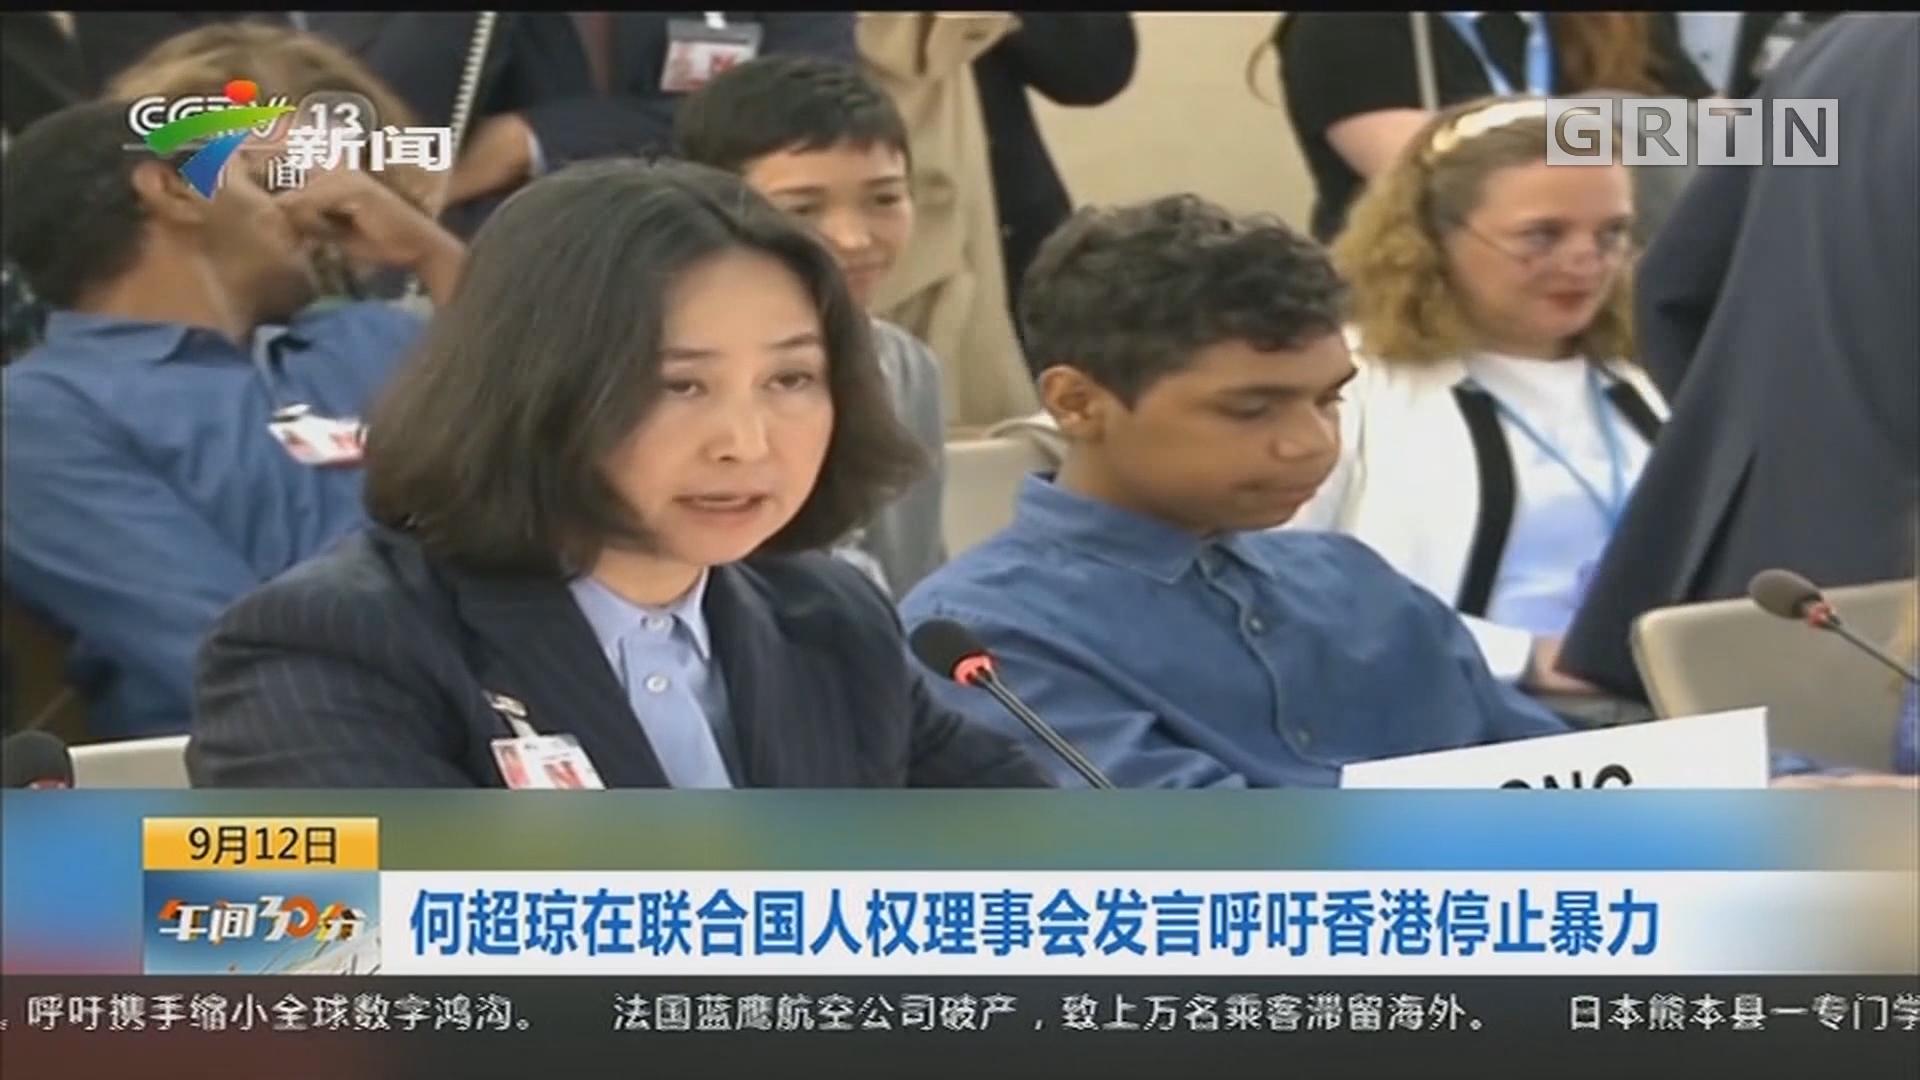 何超琼在联合国人权理事会发言呼吁香港停止暴力